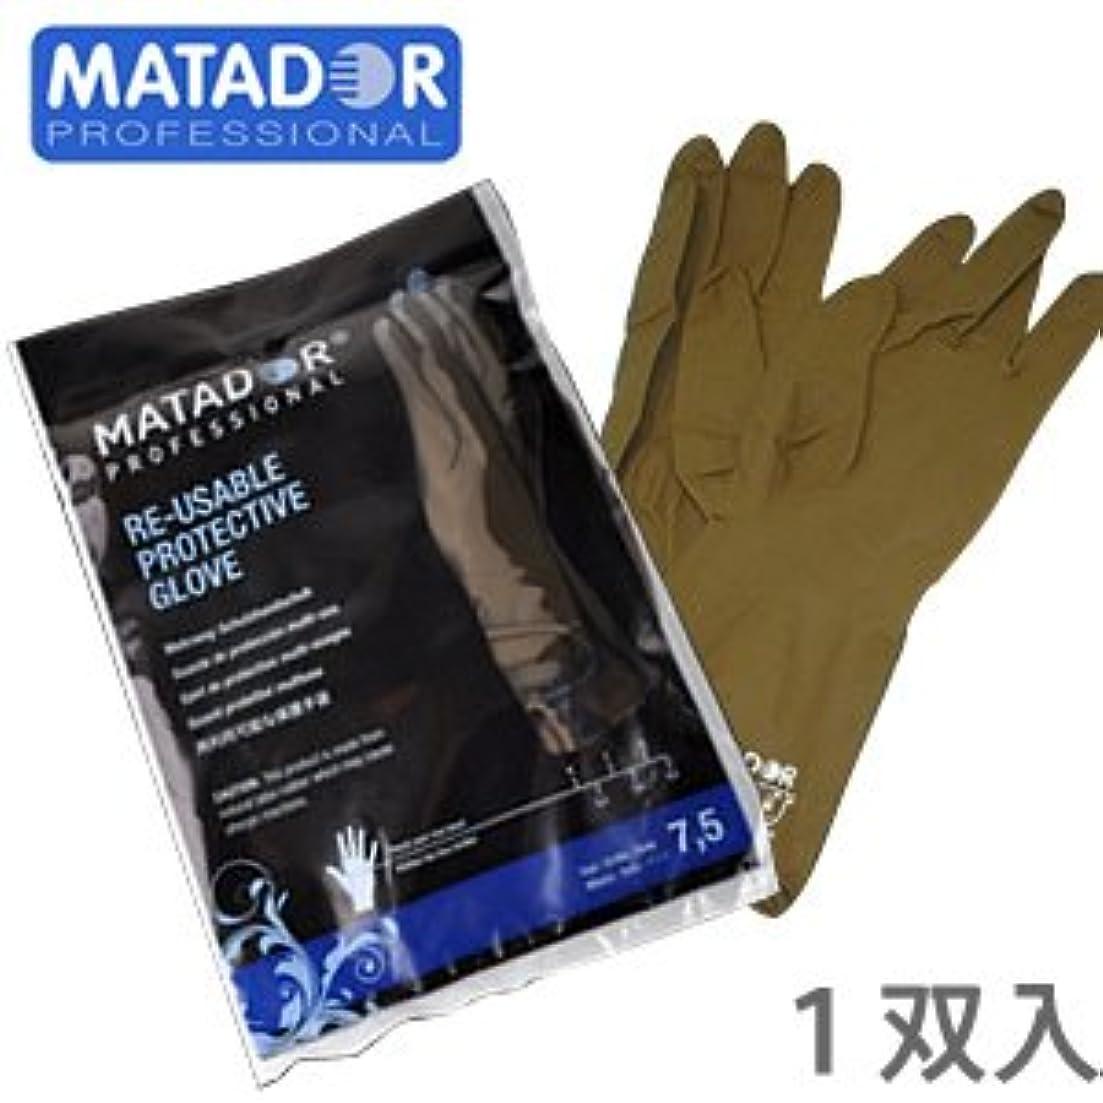 解凍する、雪解け、霜解け頂点ルアーマタドールゴム手袋 7.5吋 【10個セット】